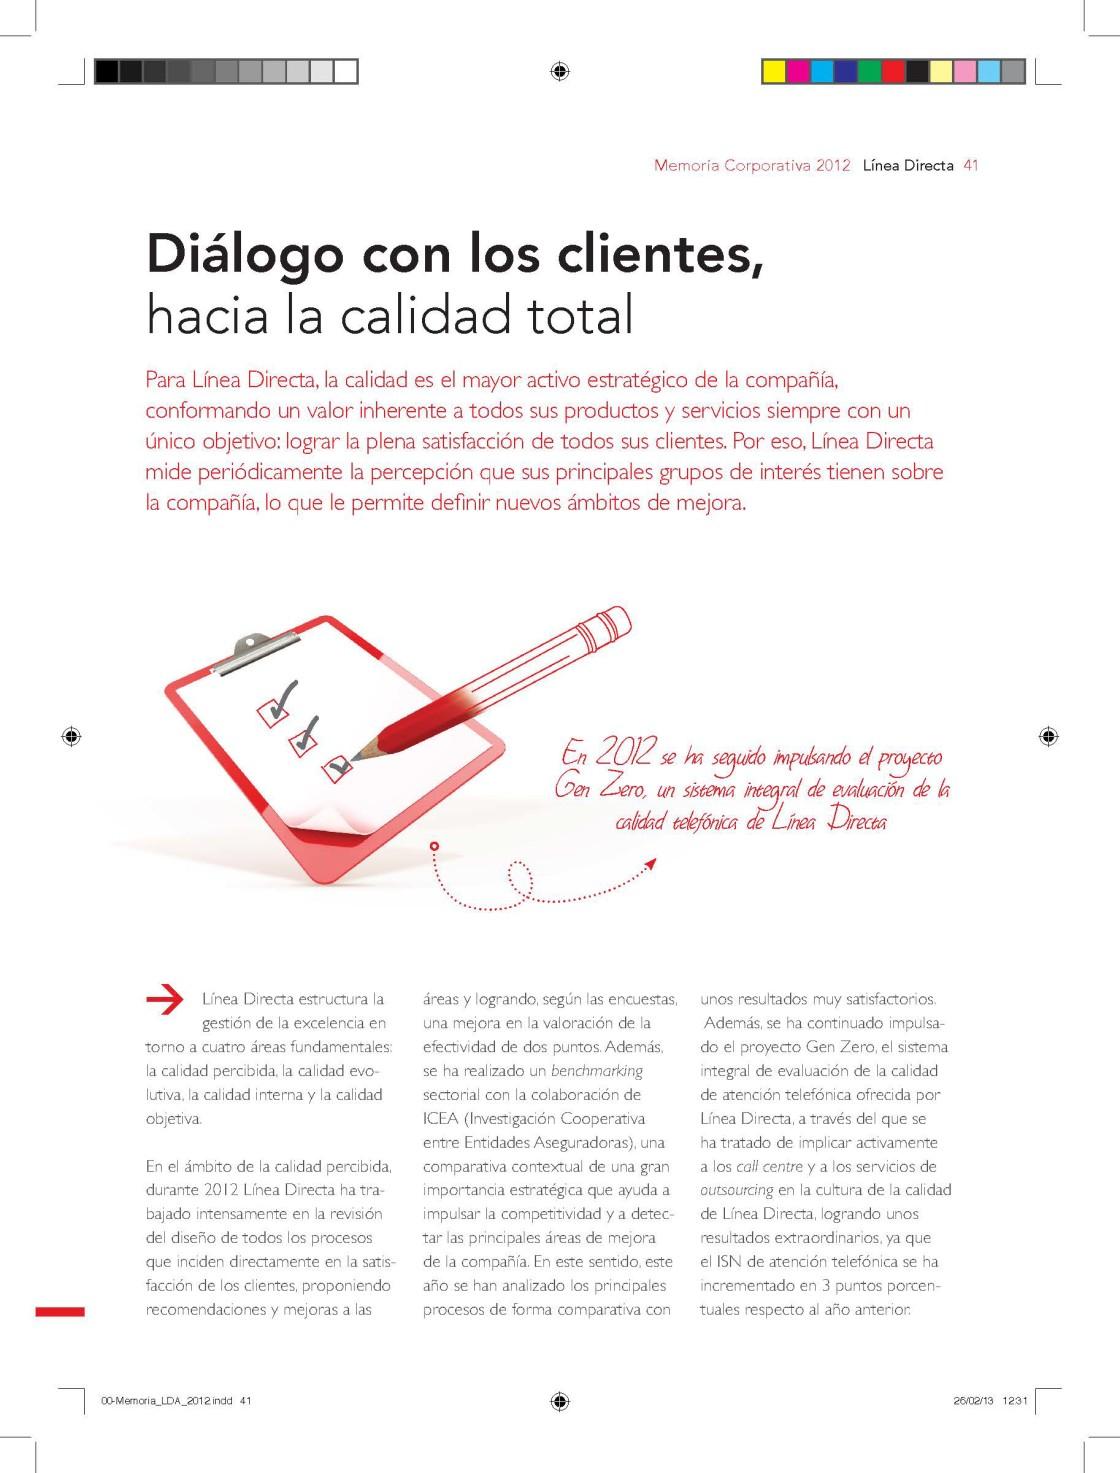 Memoria_LDA_2012_Page_41